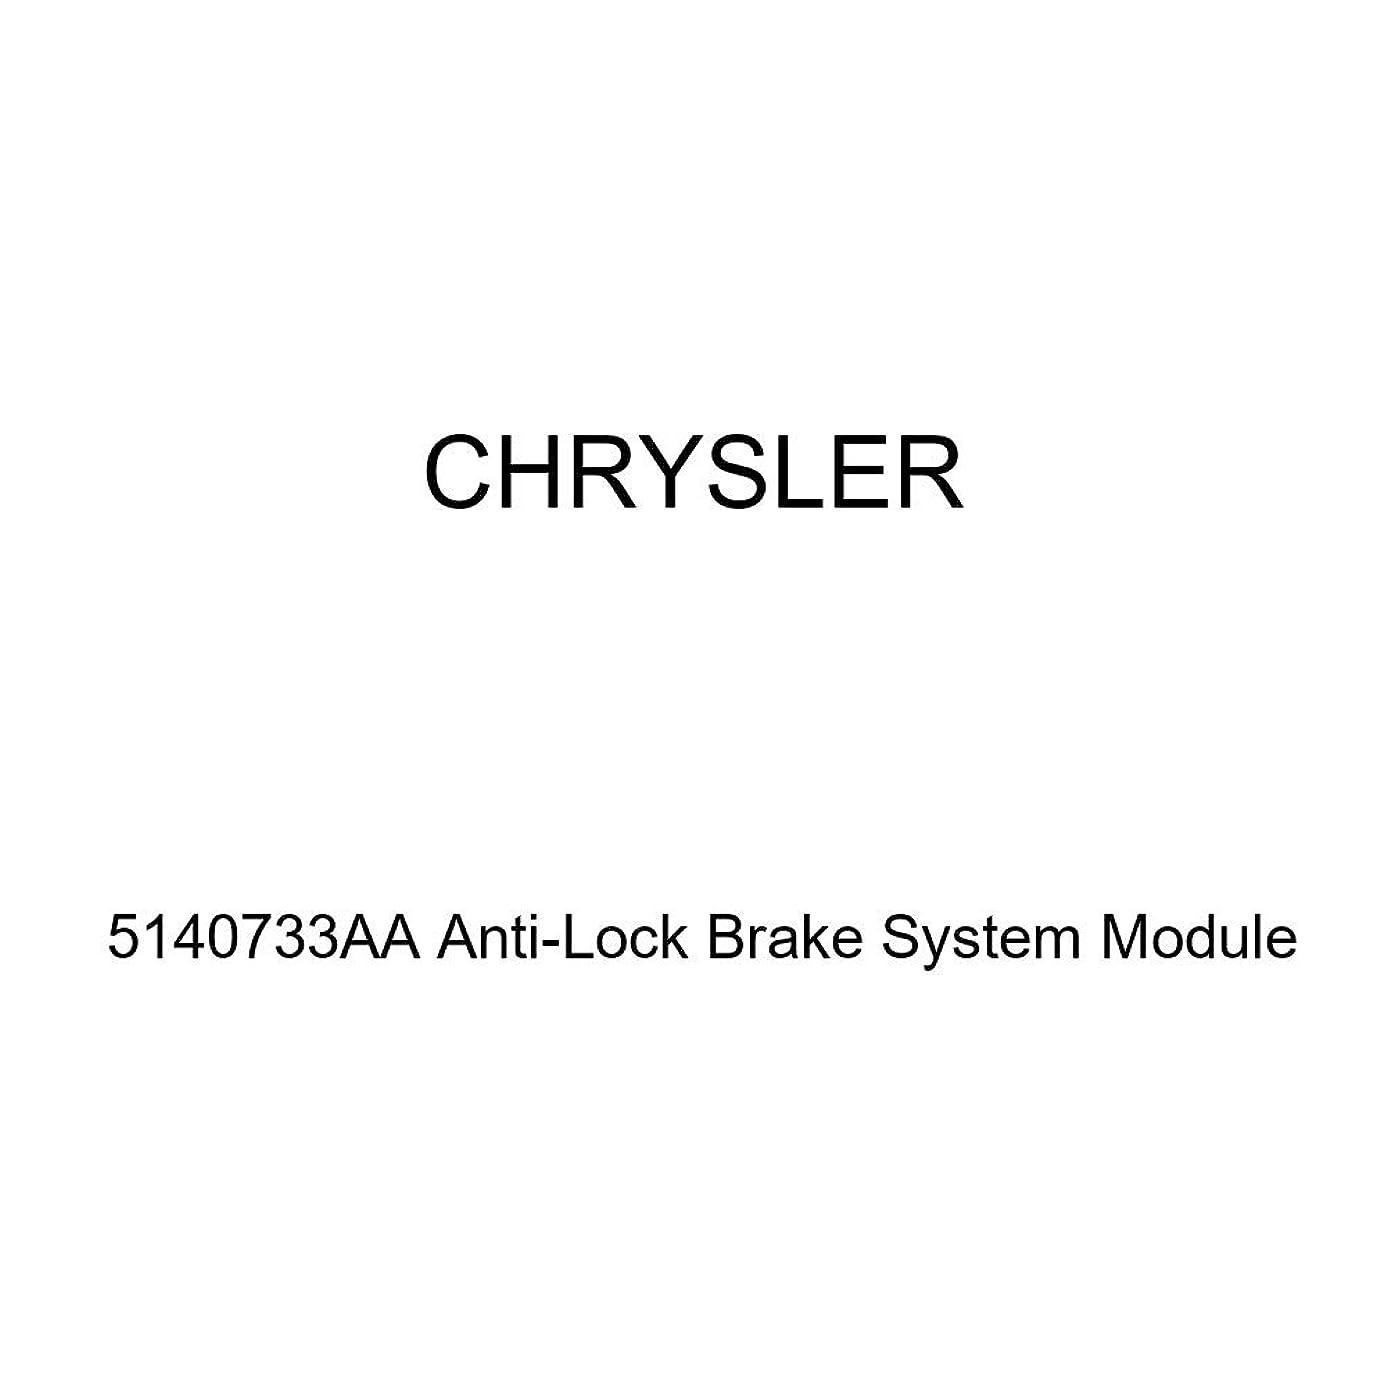 Genuine Chrysler 5140733AA Anti-Lock Brake System Module